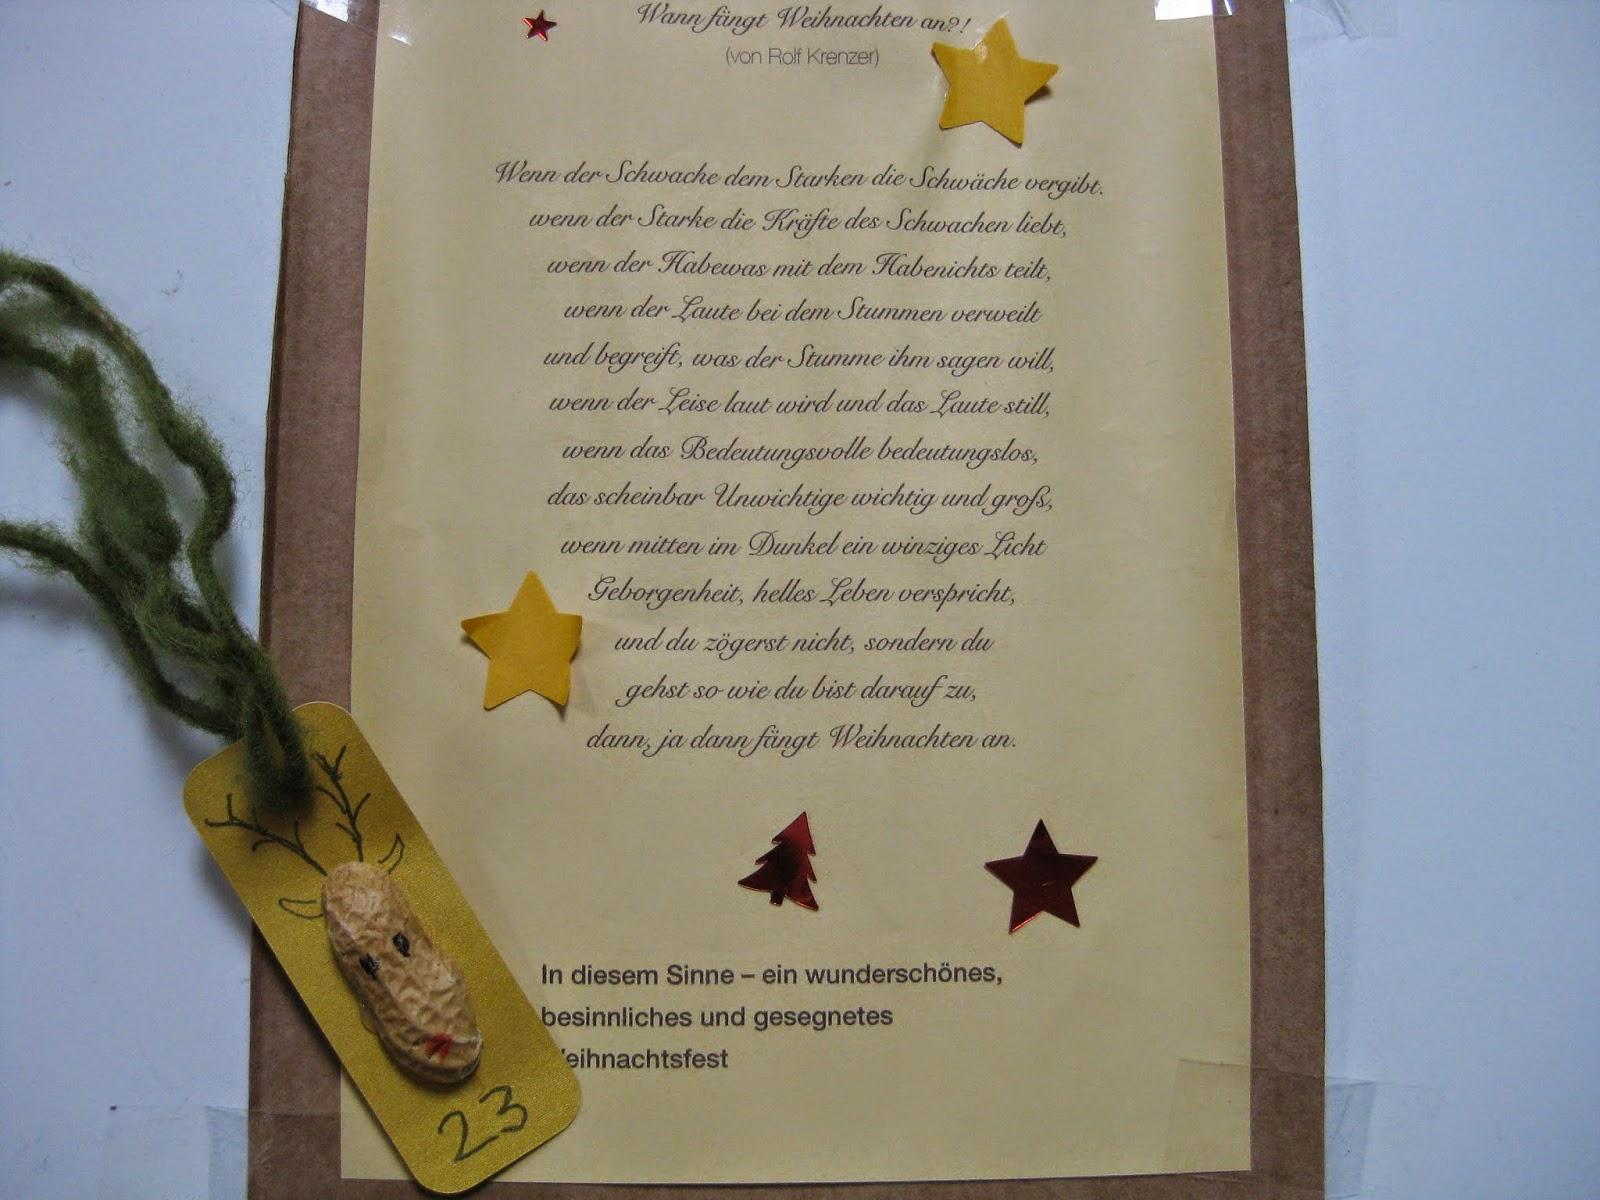 24 Päckchen Unser Adventskalender: 23 für 24 Kurze Gedichte Für Adventskalender